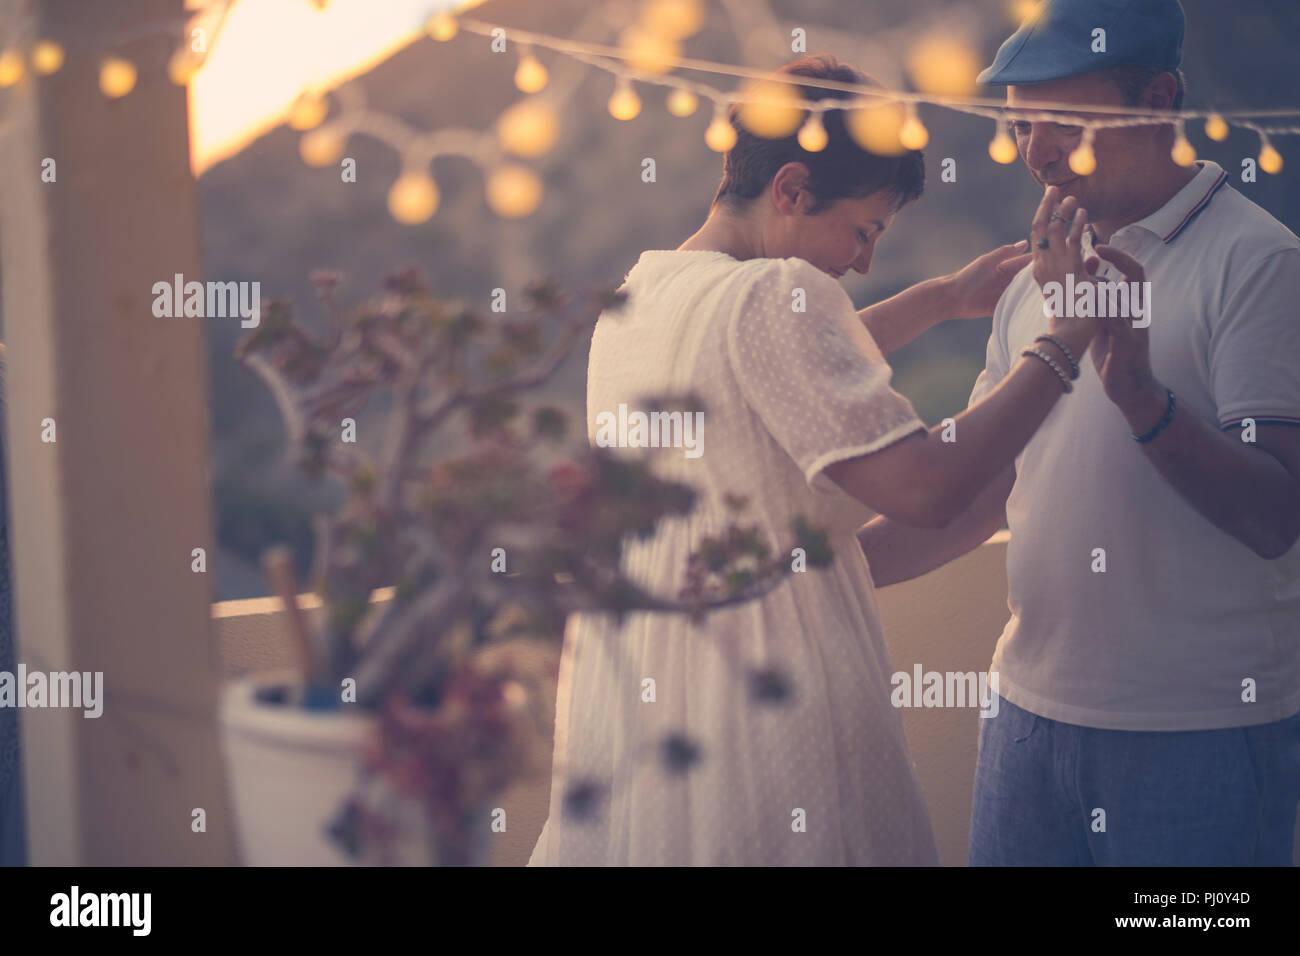 Couple danse romantique avec amour et romance au cours de la vers le bas dans la soirée à la terrasse. Piscine activité de loisirs pour l'âge moyen ne Photo Stock